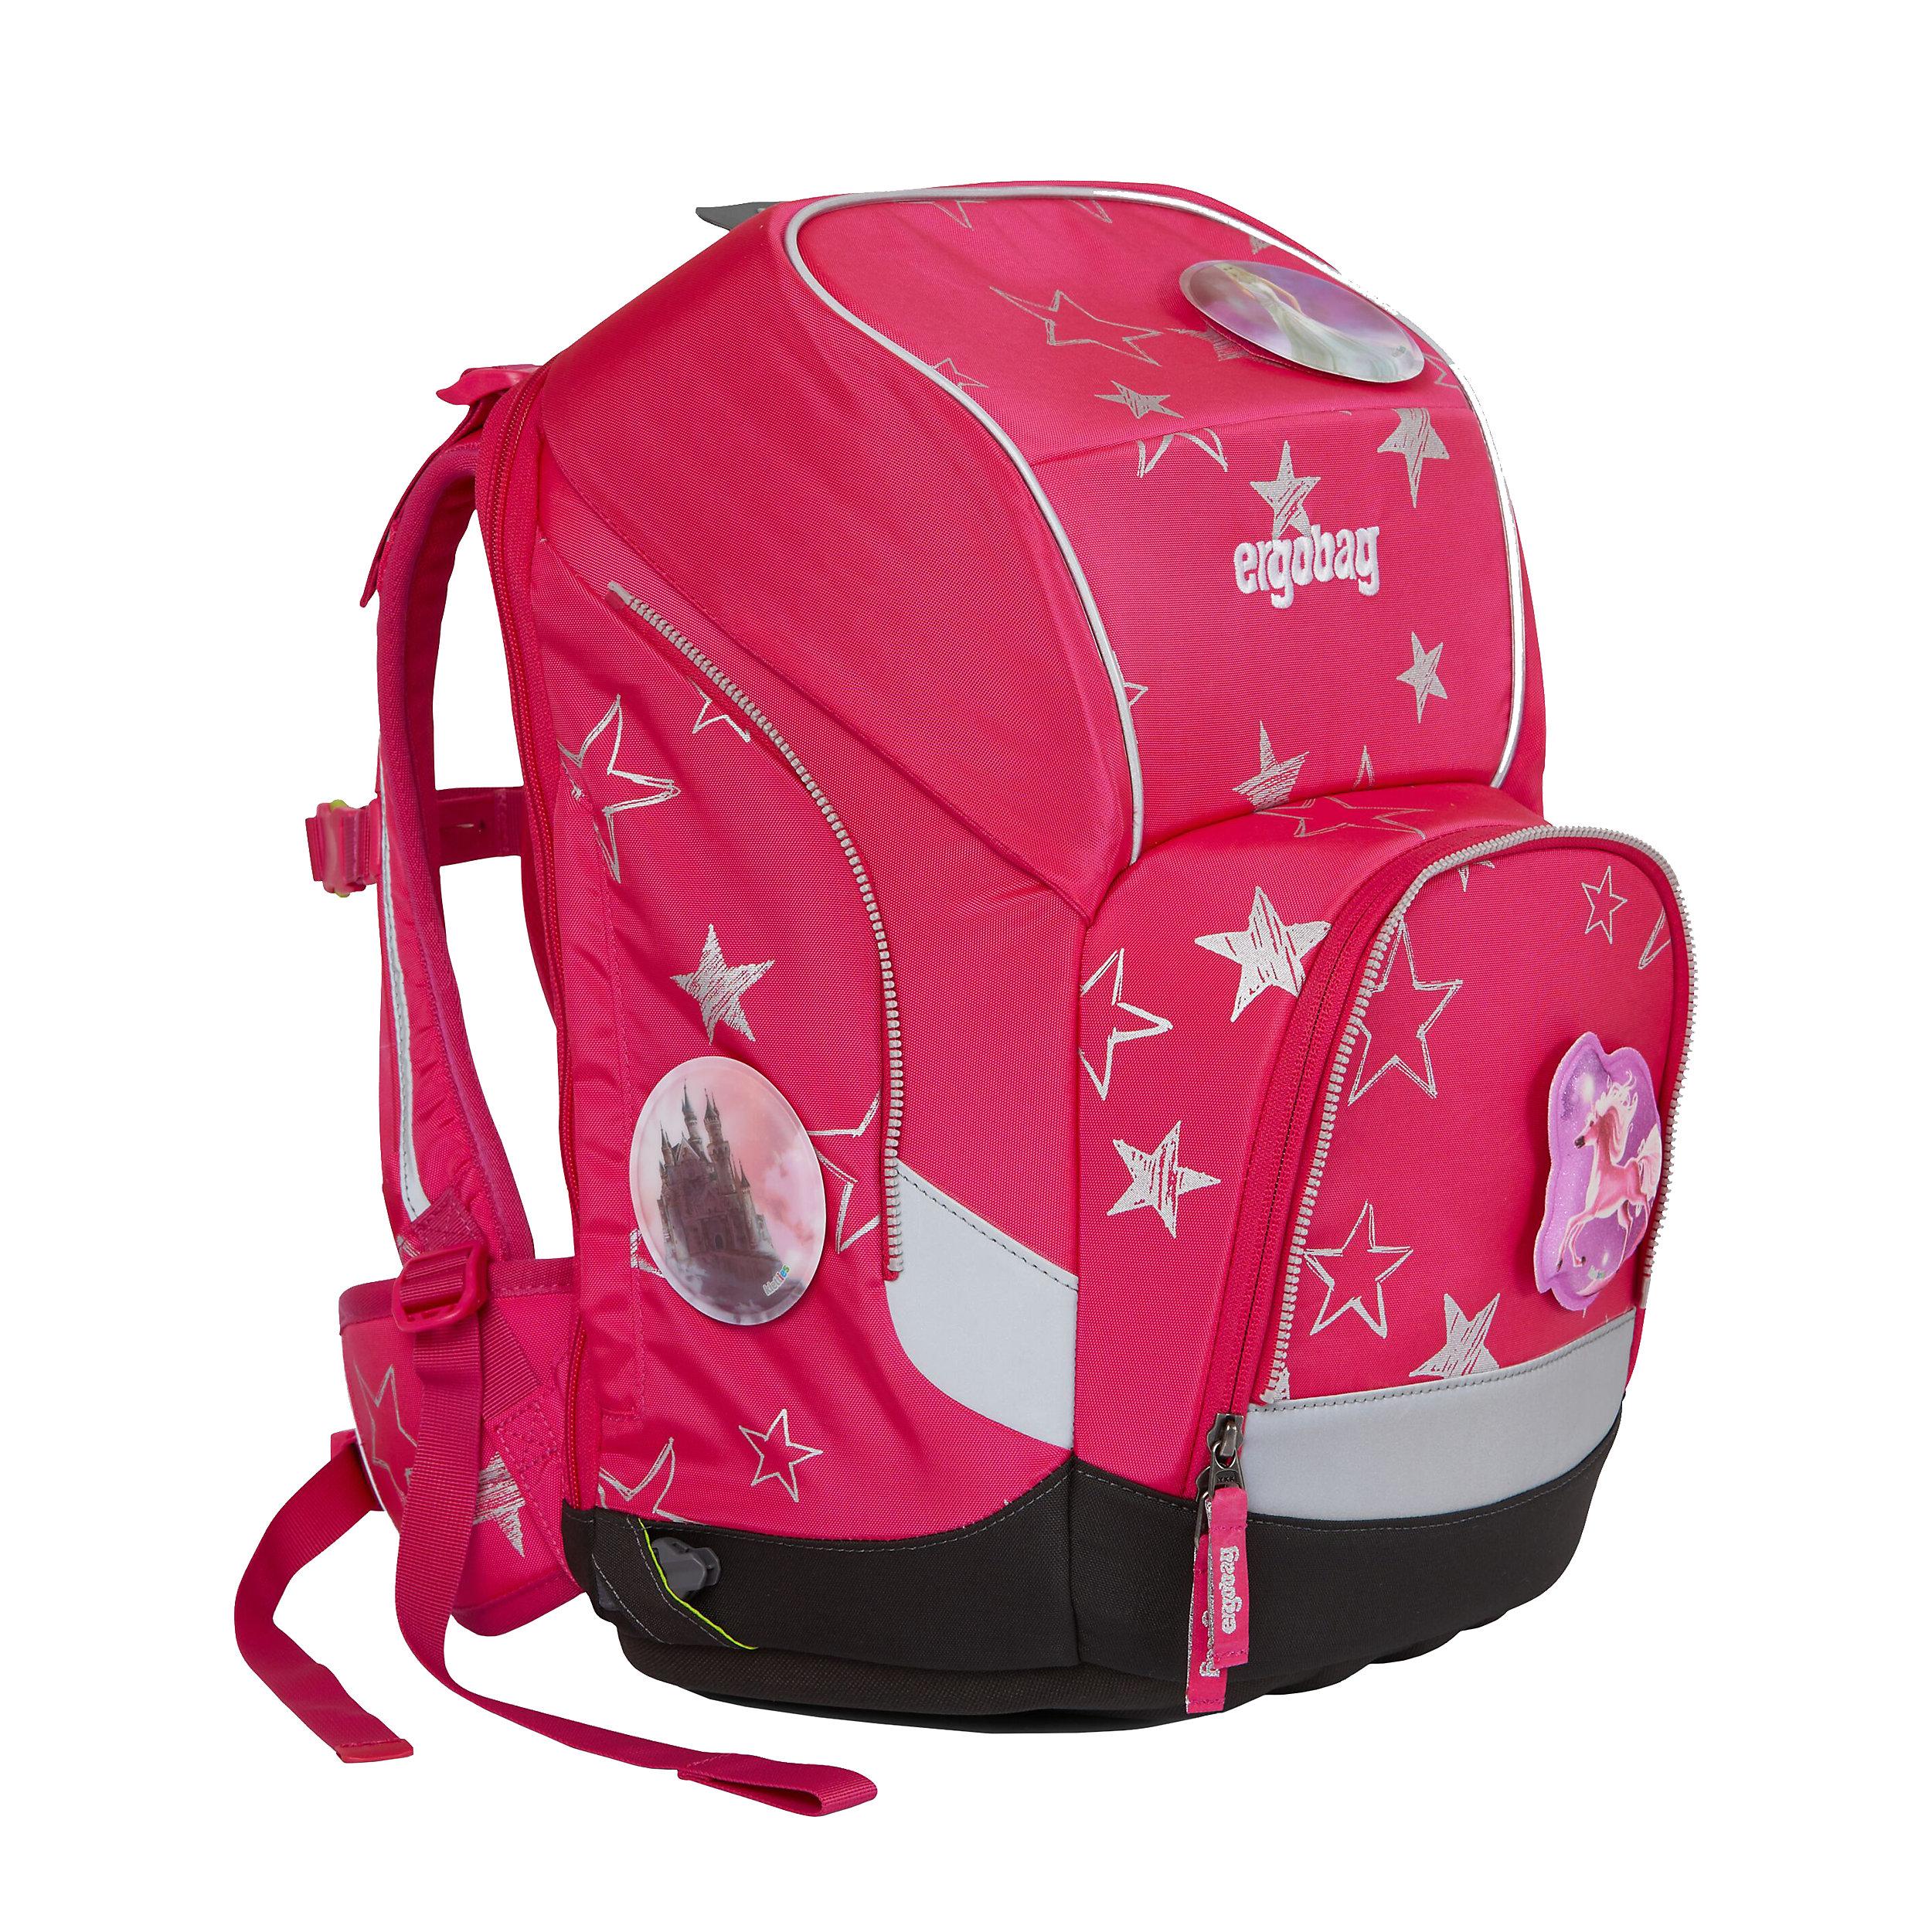 School-Backpack-Set (Set of 5) Wide 21 Liter